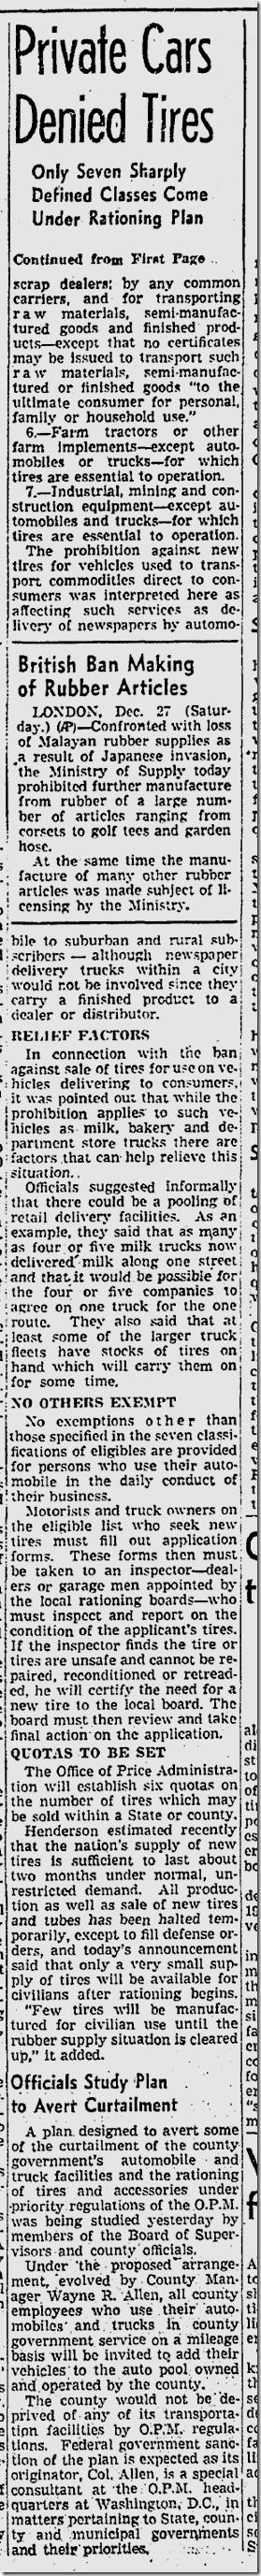 Dec. 27, 1941, Tire Rationing